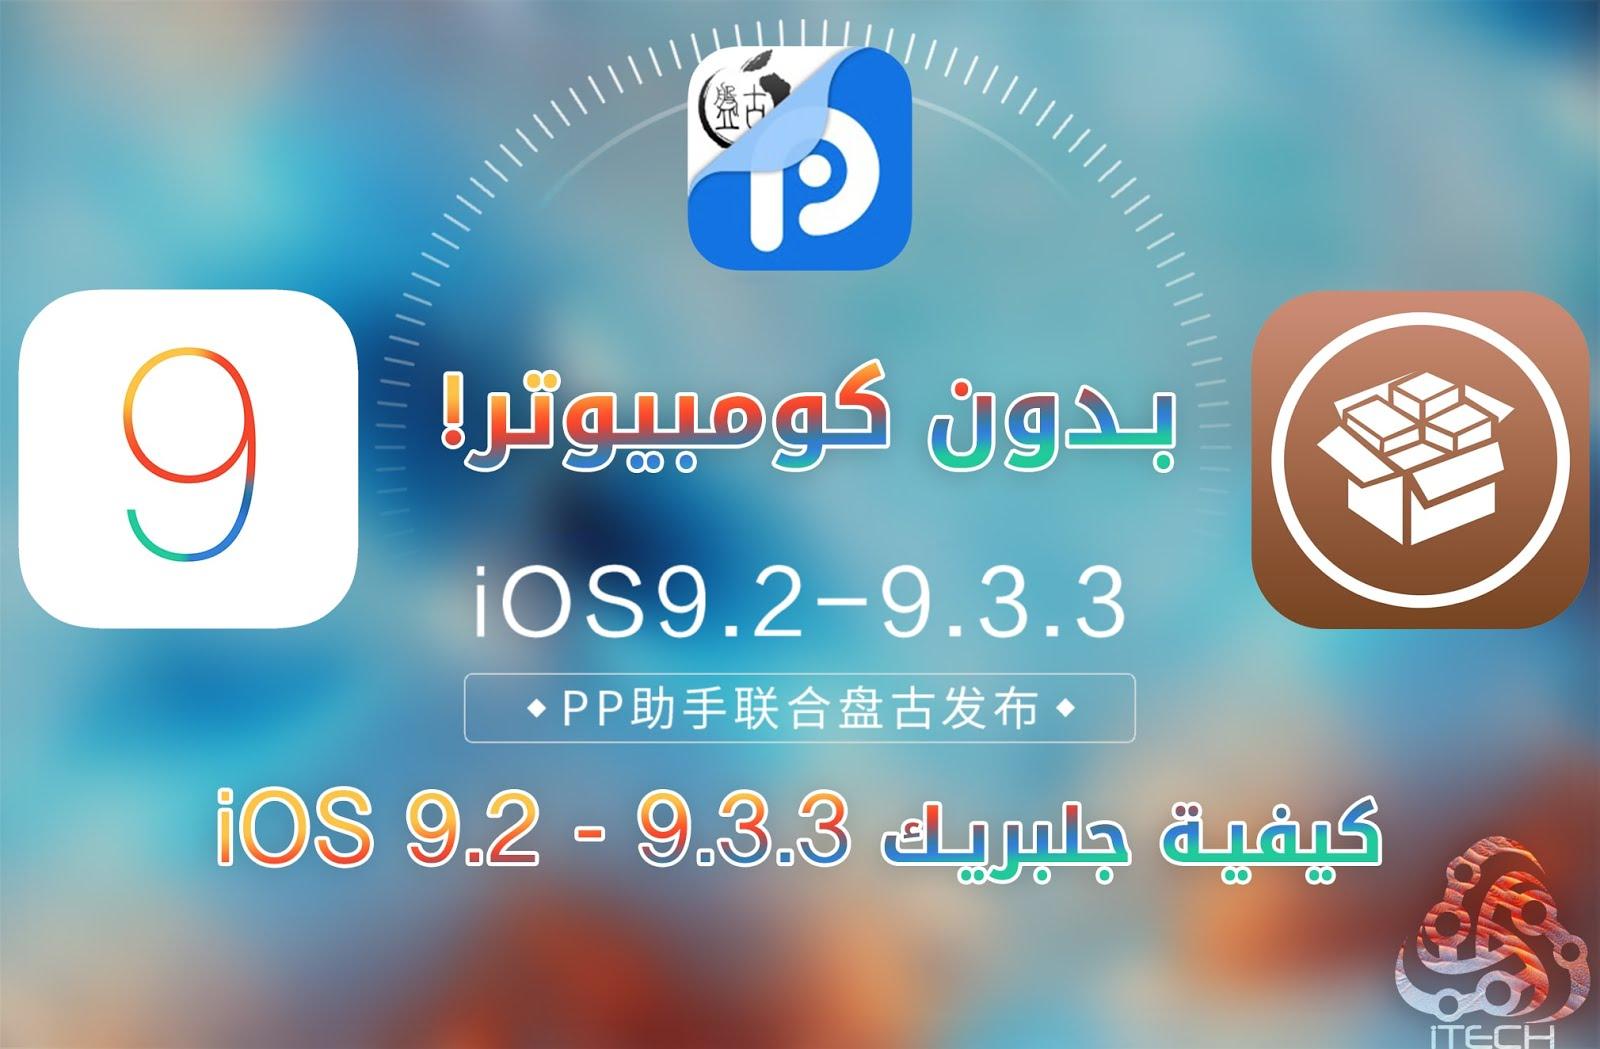 تحميل جلبريك iOS 9.2 - 9.3.3 بدون حاسبة